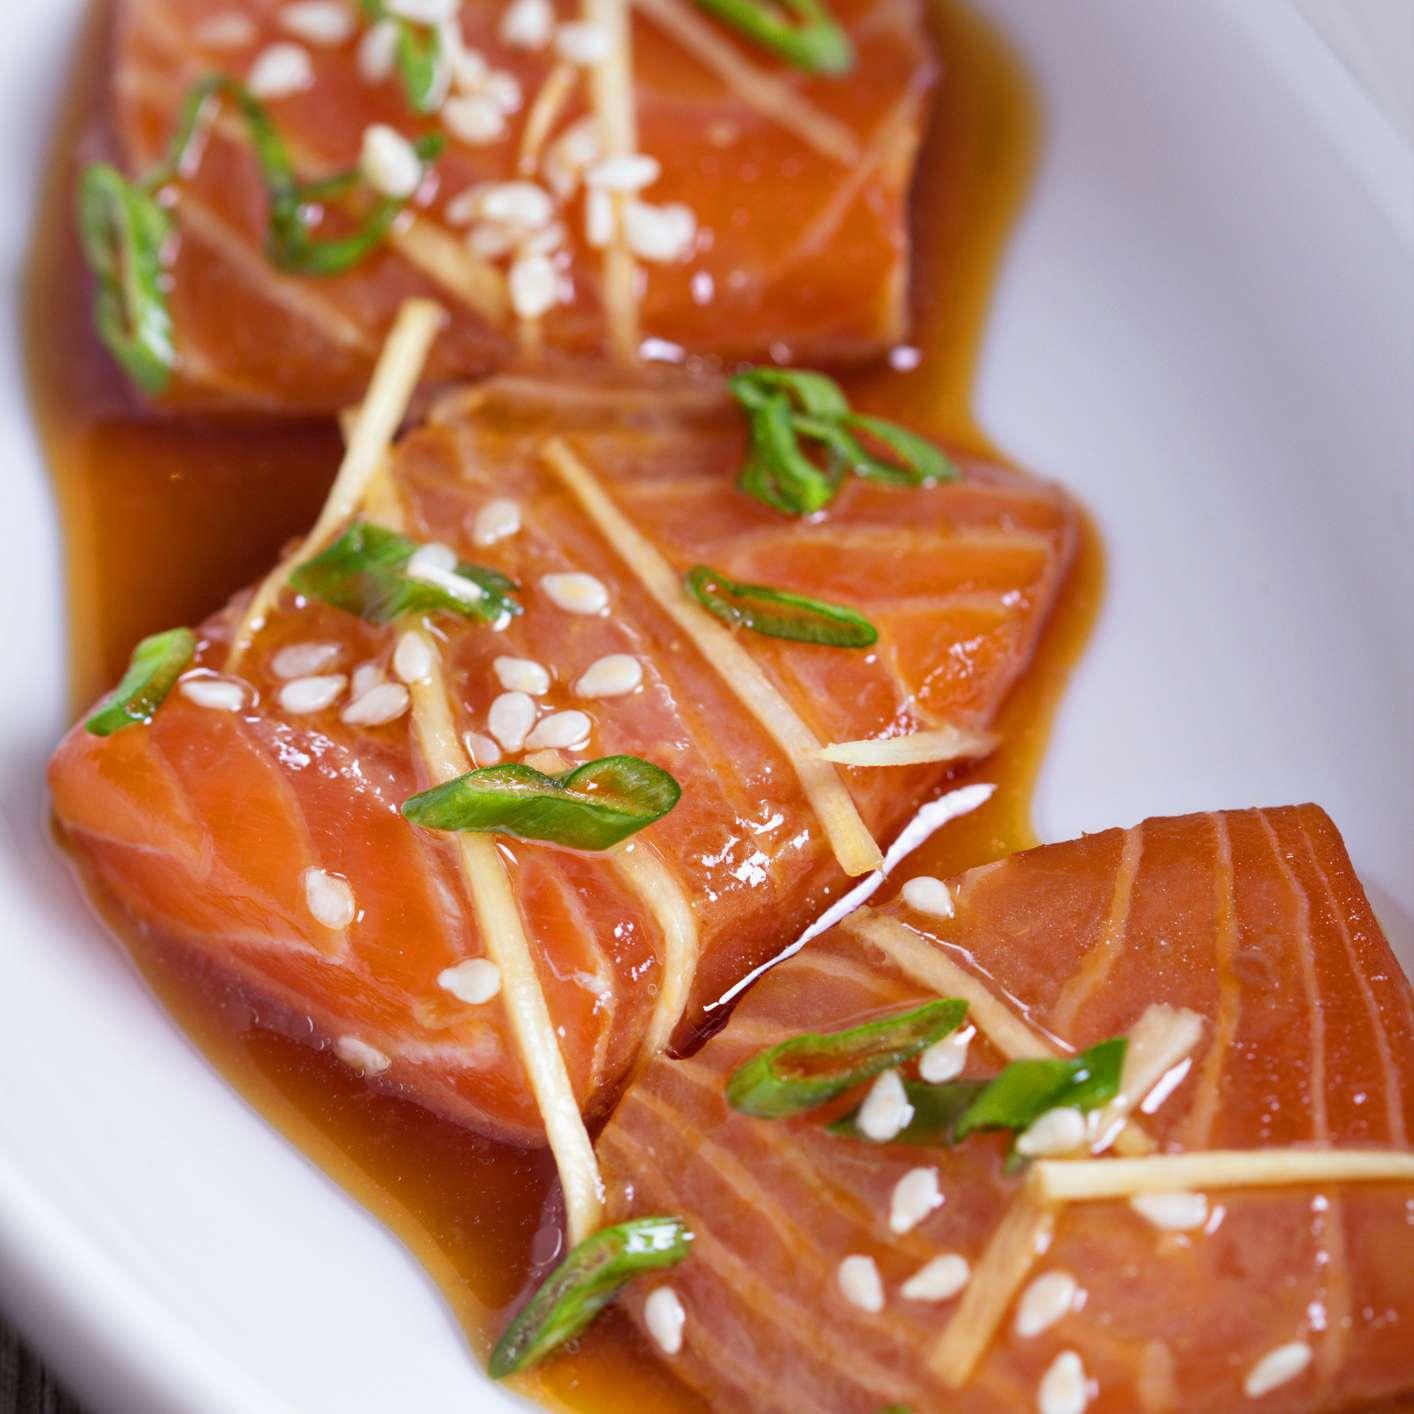 Salmon sashimi with ginger and sesame